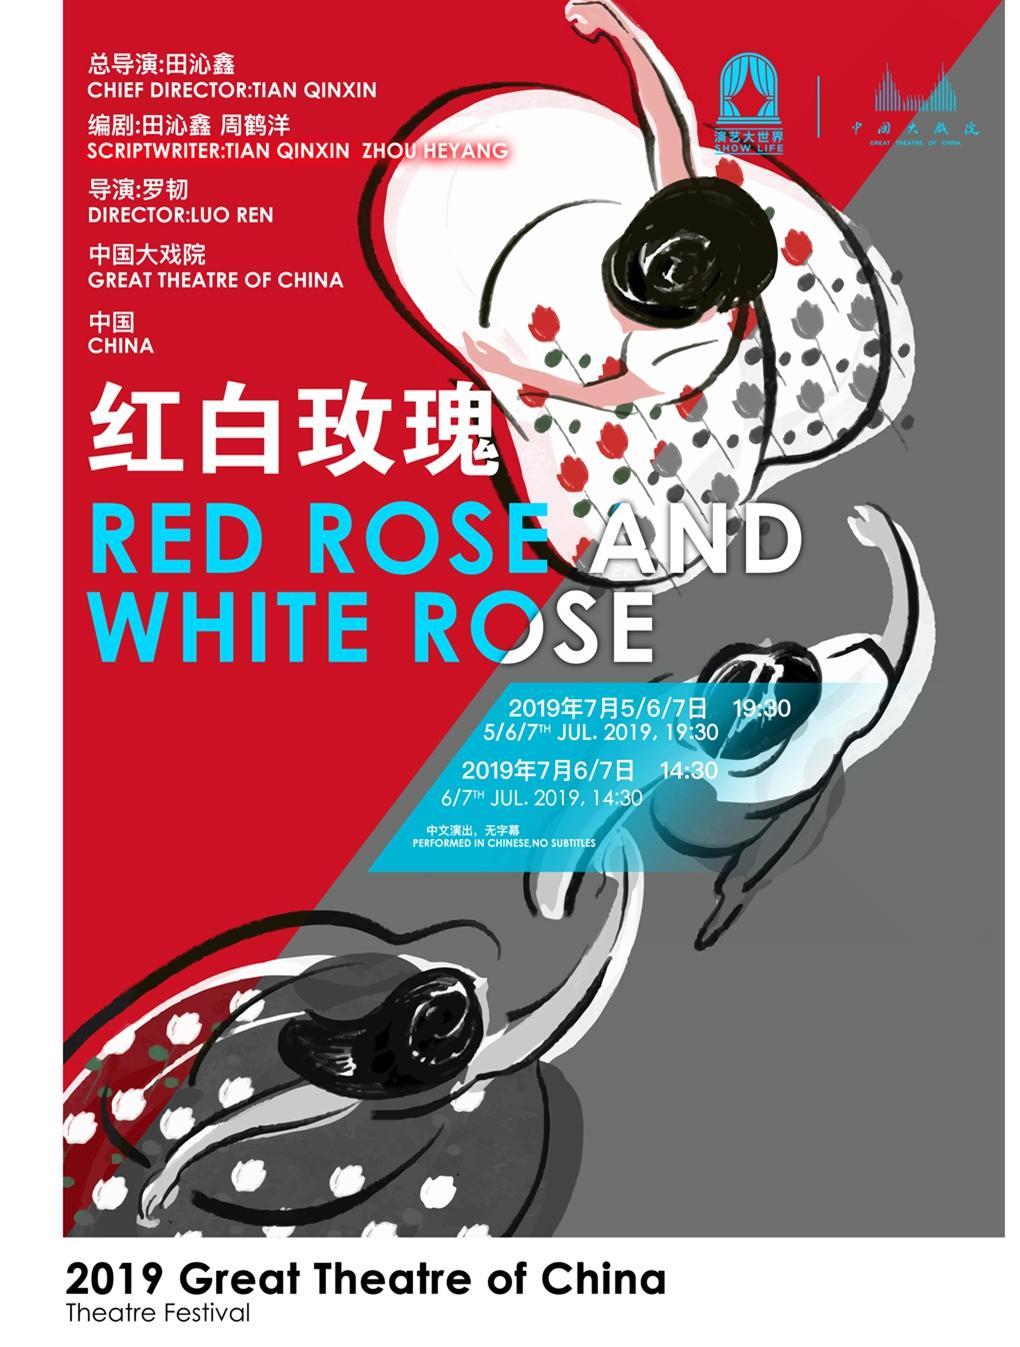 《红白玫瑰》